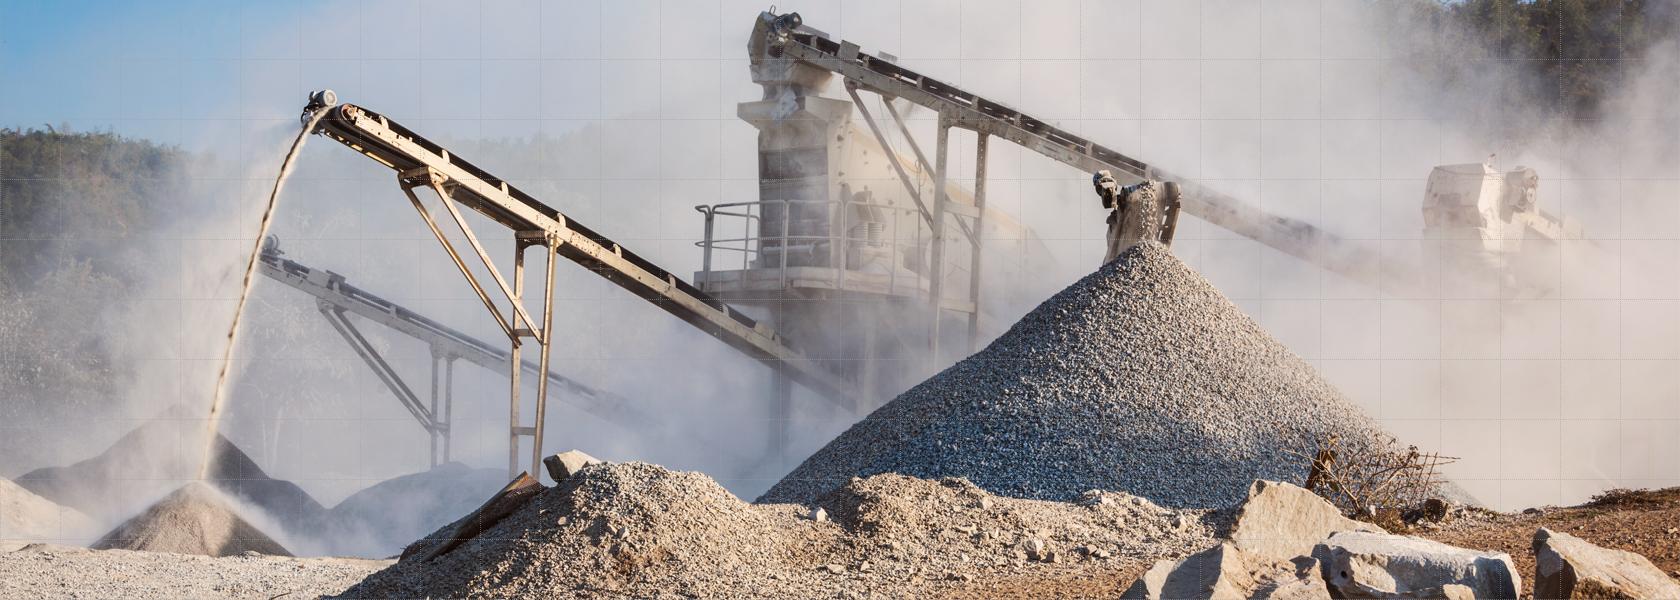 Sliderbild Startseite Haldenerfassung - industrieller Gesteinsbrecher